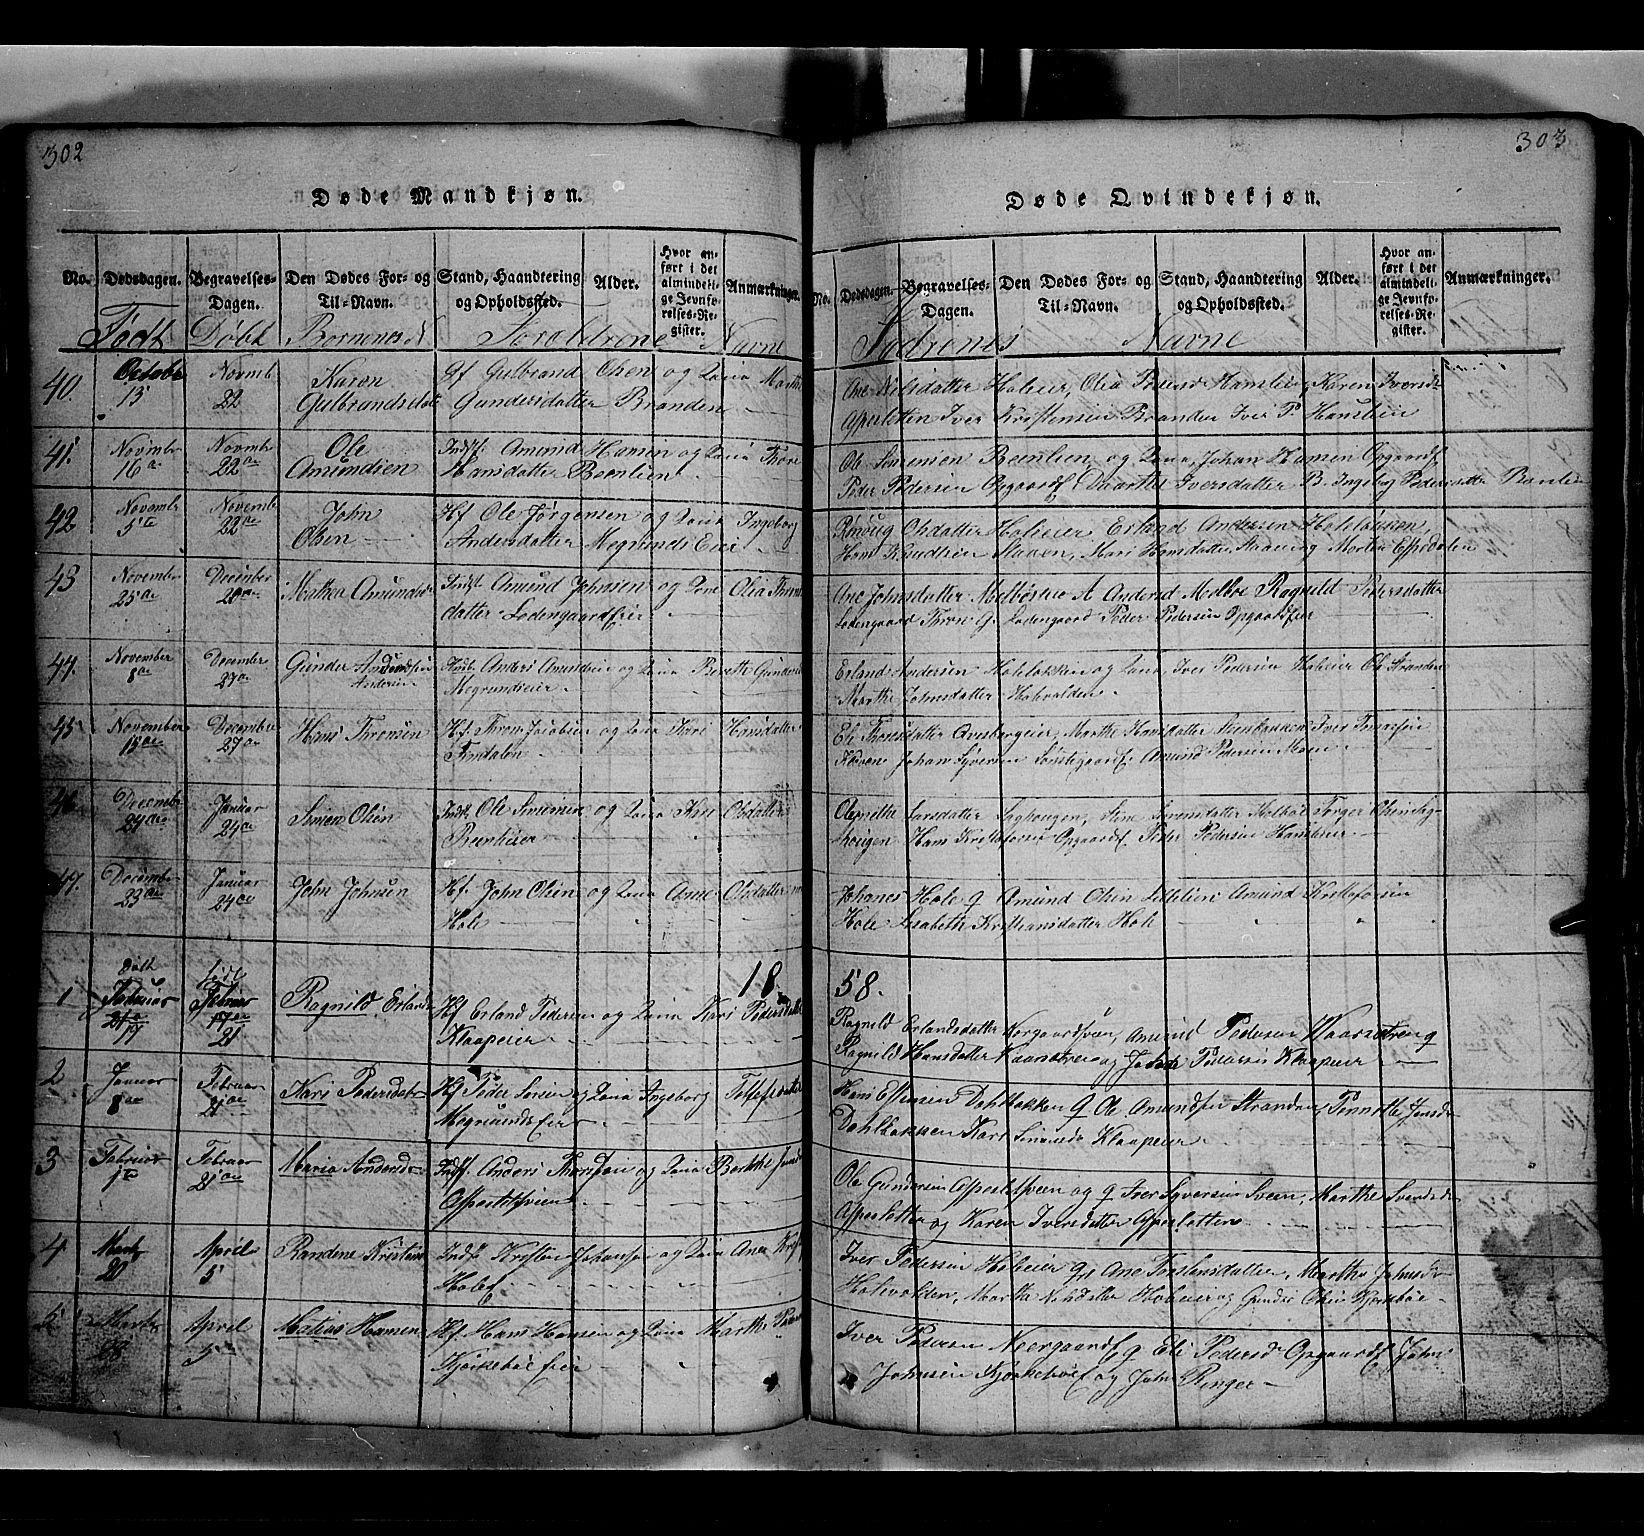 SAH, Gausdal prestekontor, Klokkerbok nr. 2, 1818-1874, s. 302-303